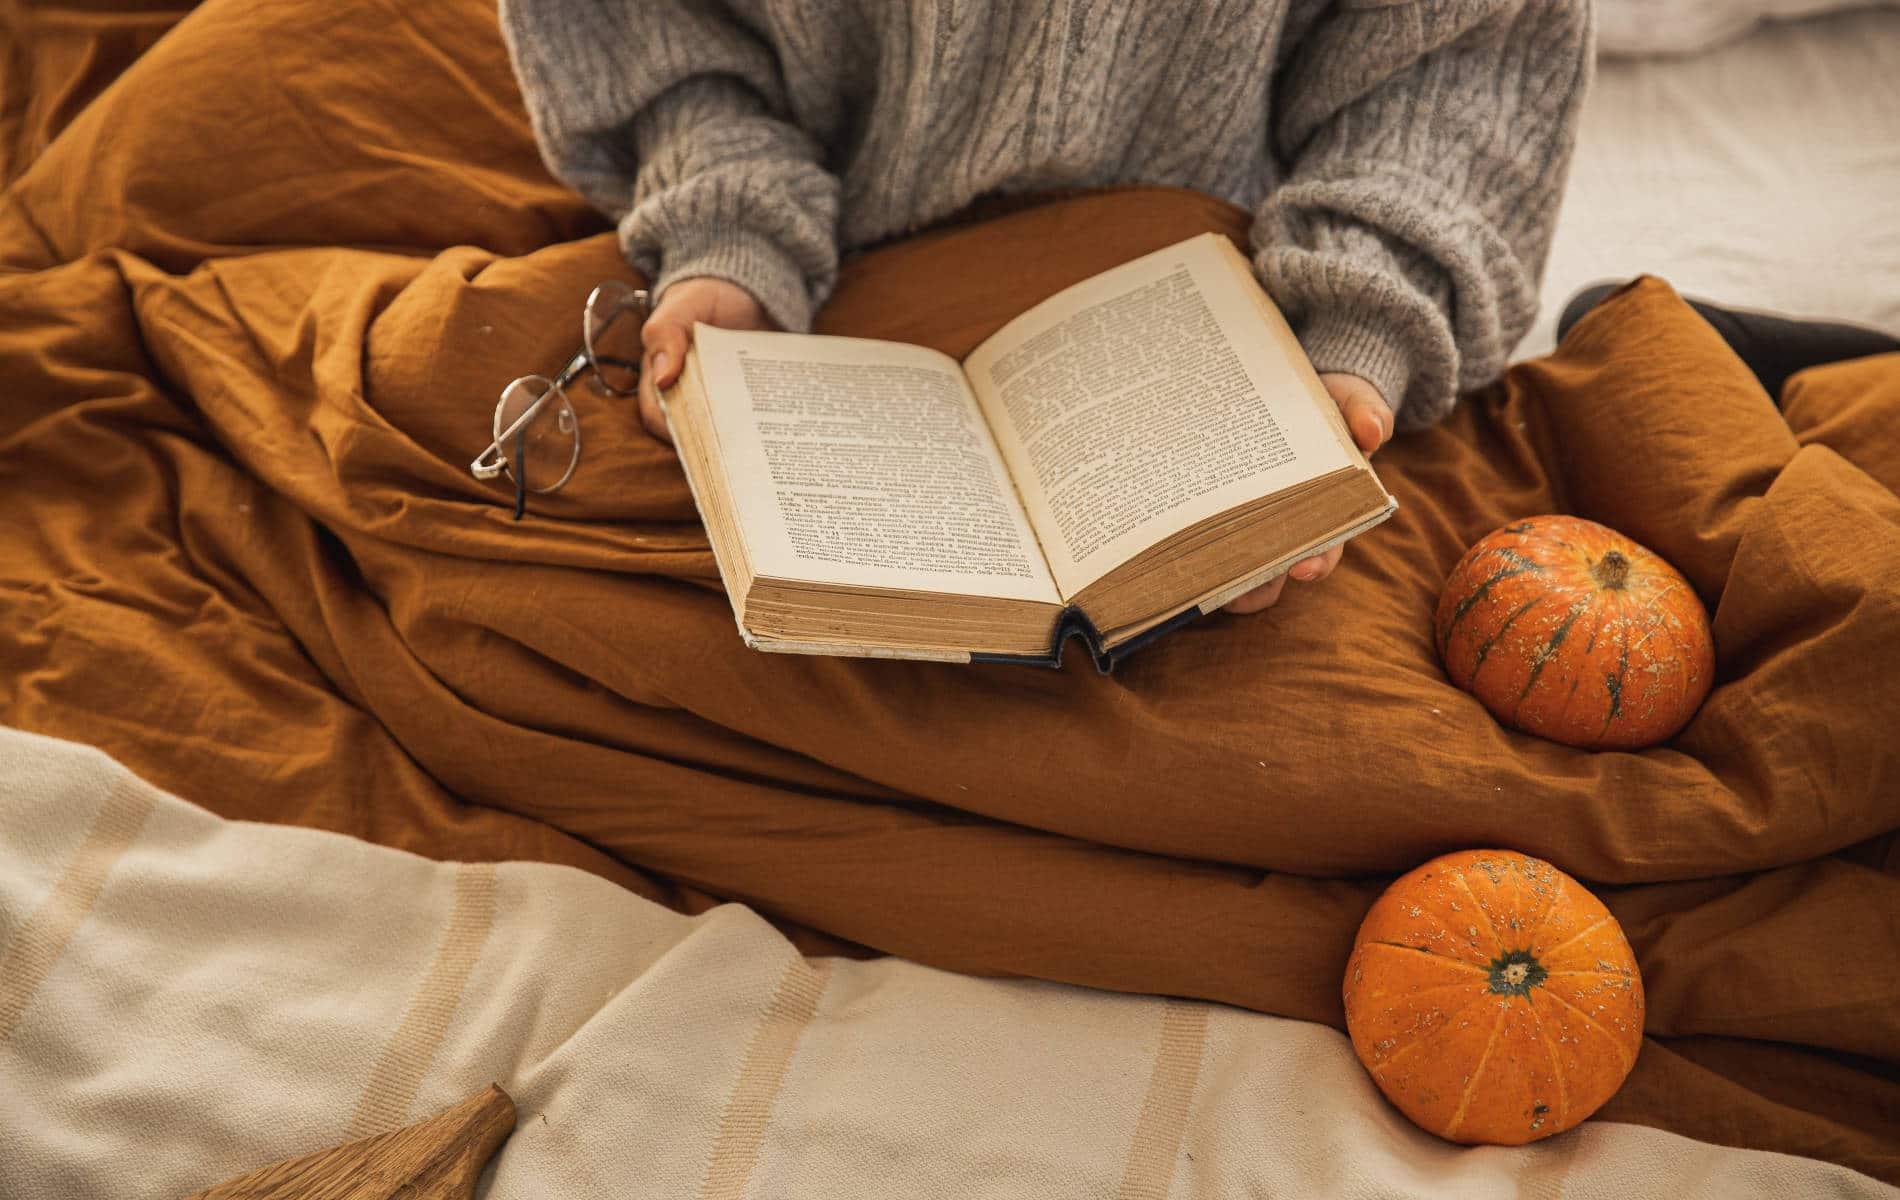 Frau liest im Bett entspannt ein Buch